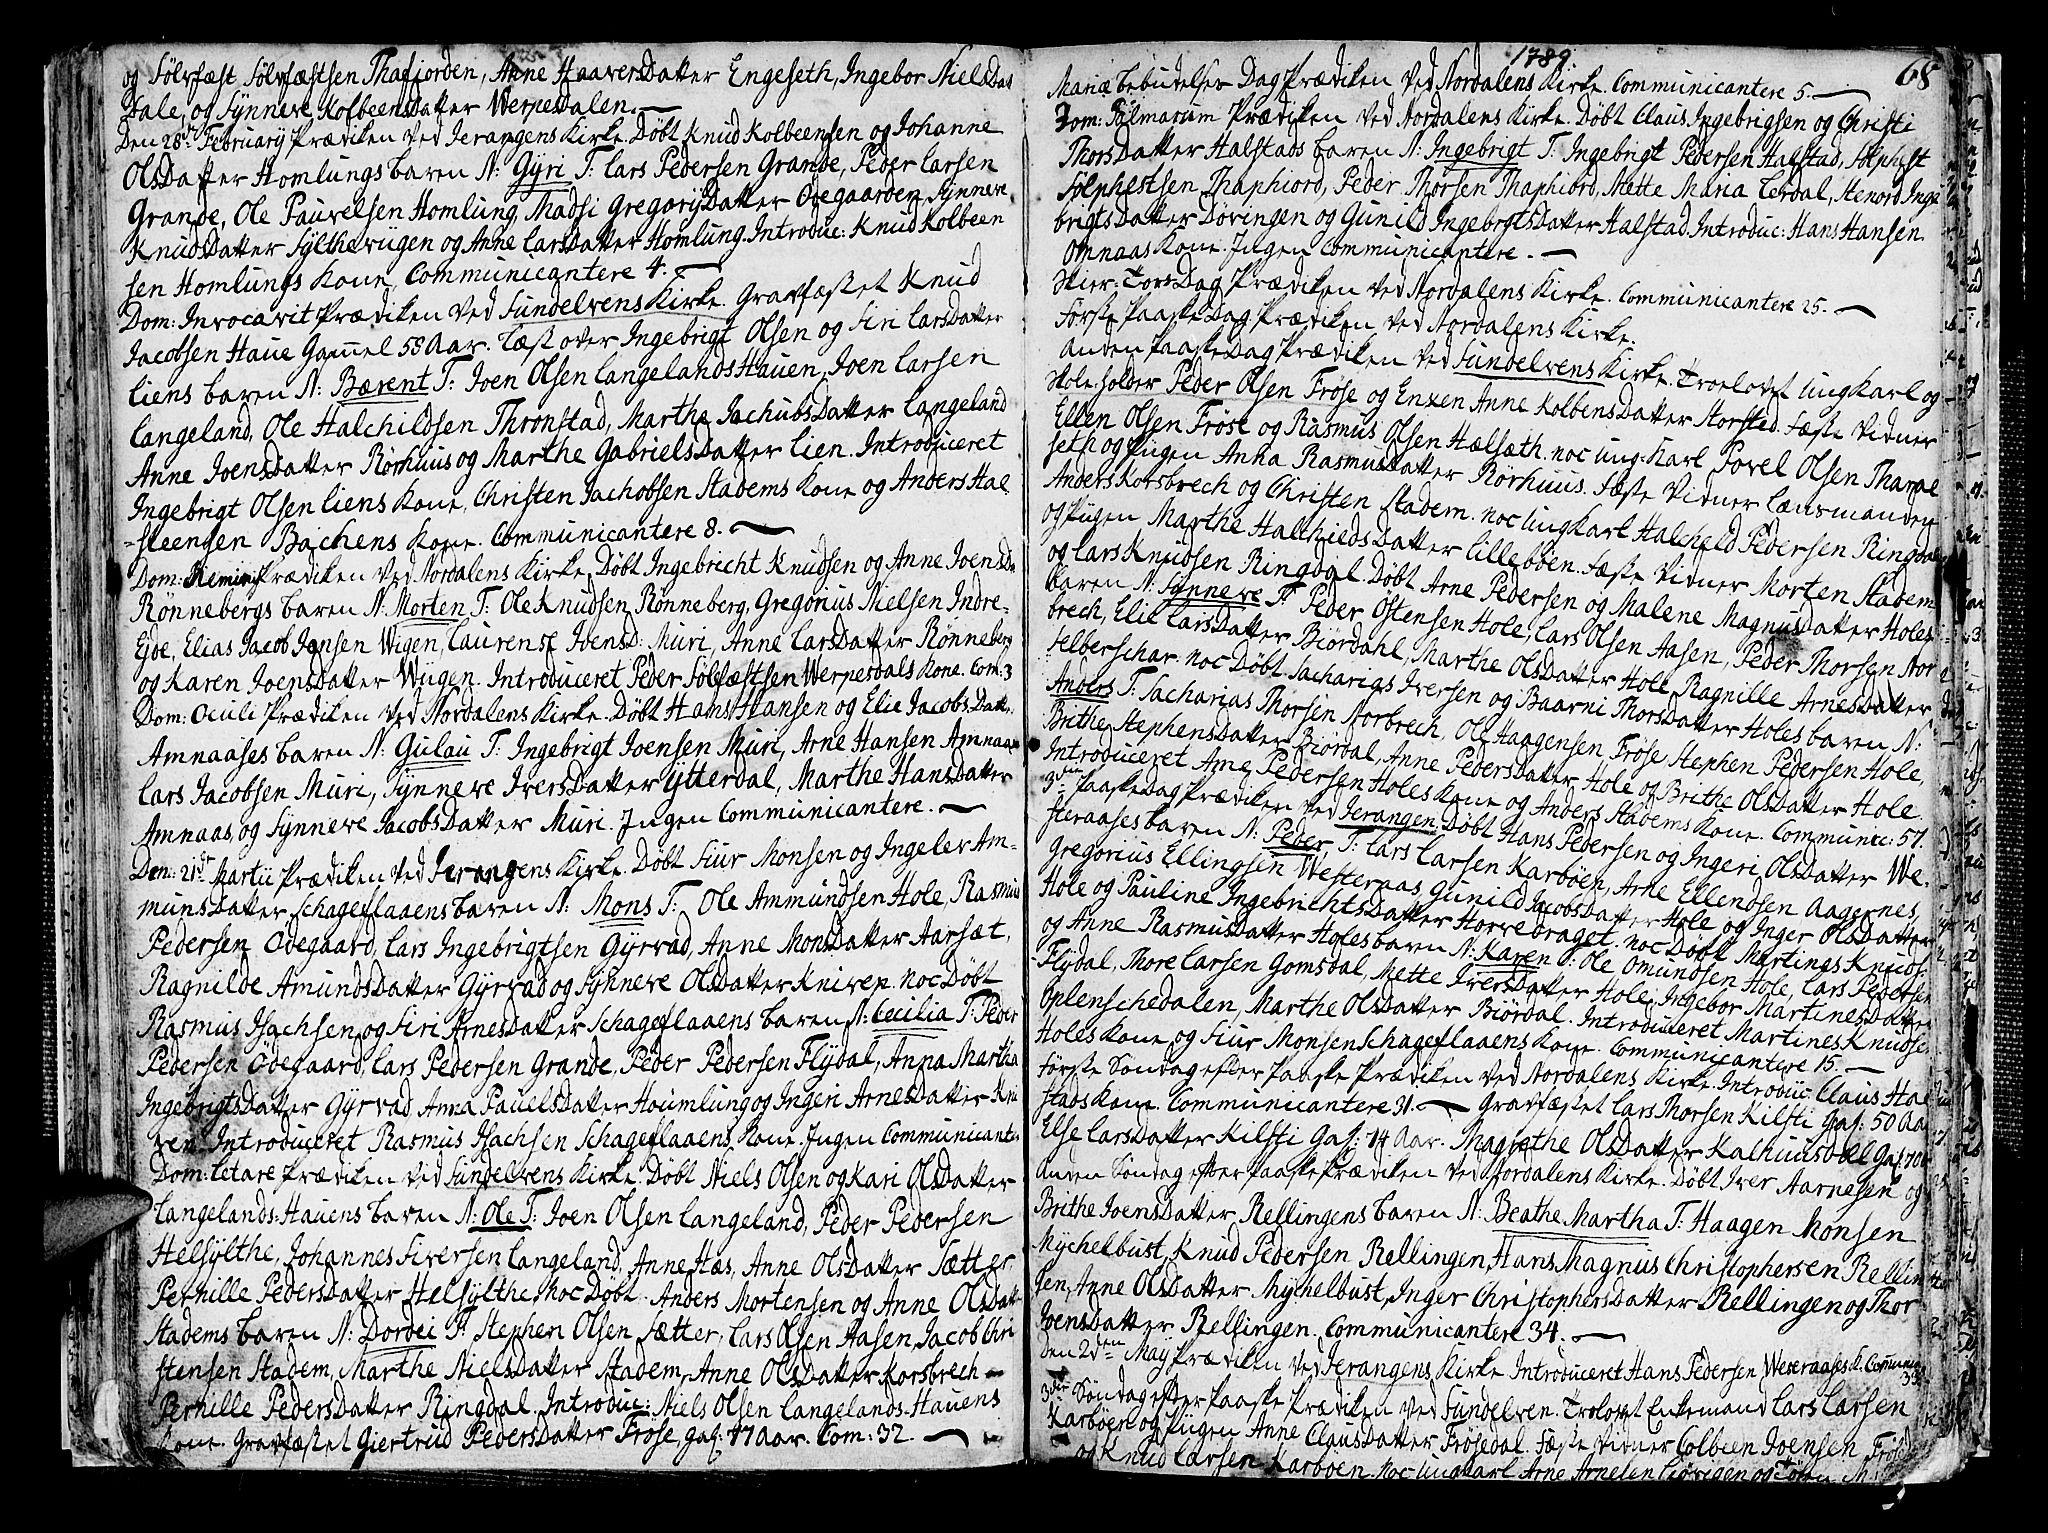 SAT, Ministerialprotokoller, klokkerbøker og fødselsregistre - Møre og Romsdal, 519/L0245: Parish register (official) no. 519A04, 1774-1816, p. 68